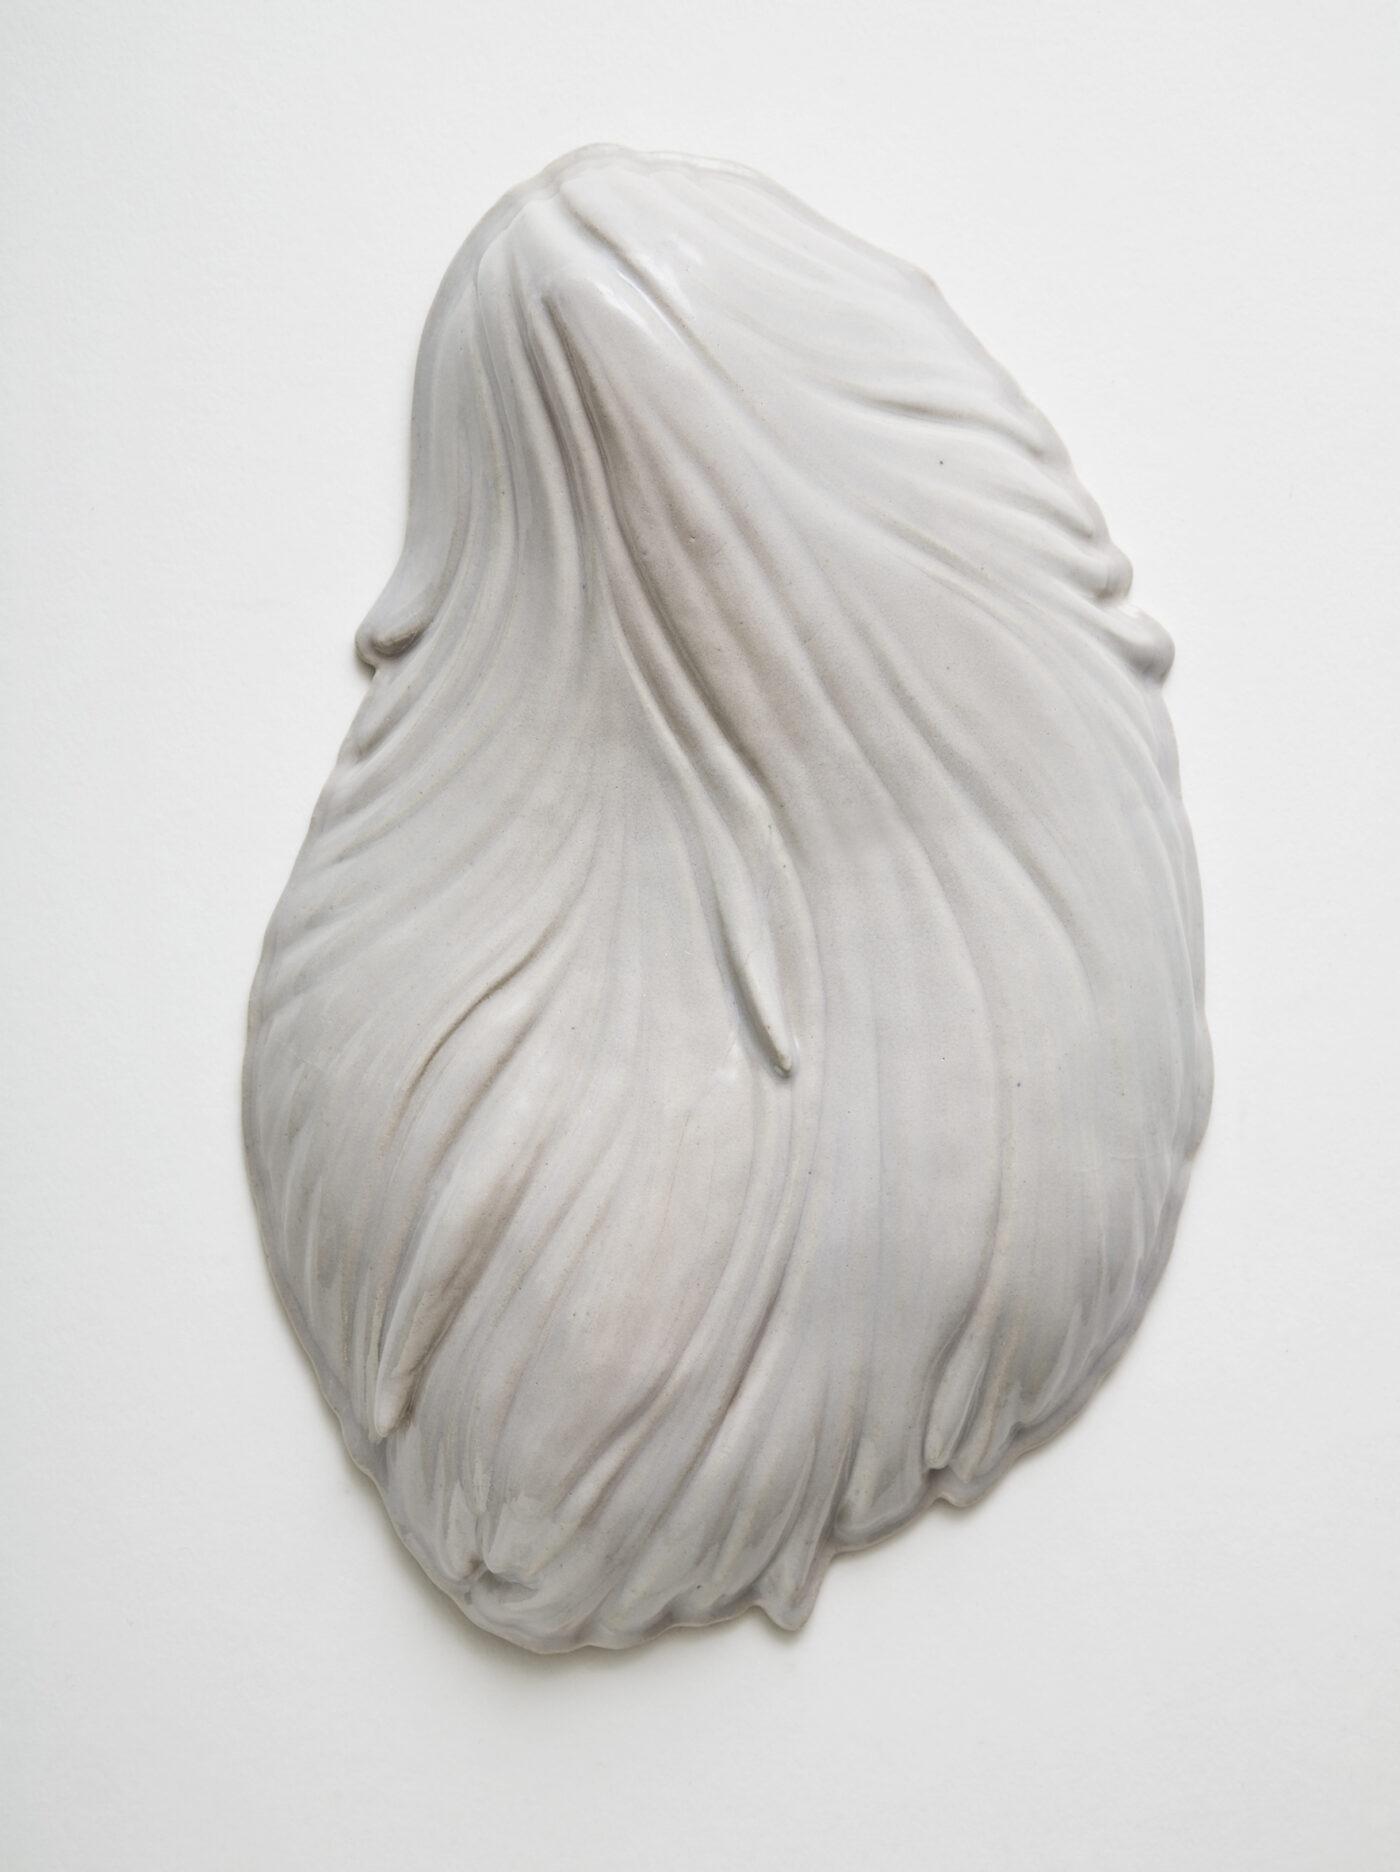 Keramiker Marianne Nielsen - Hår, 2008, foto: Ole Akhøj